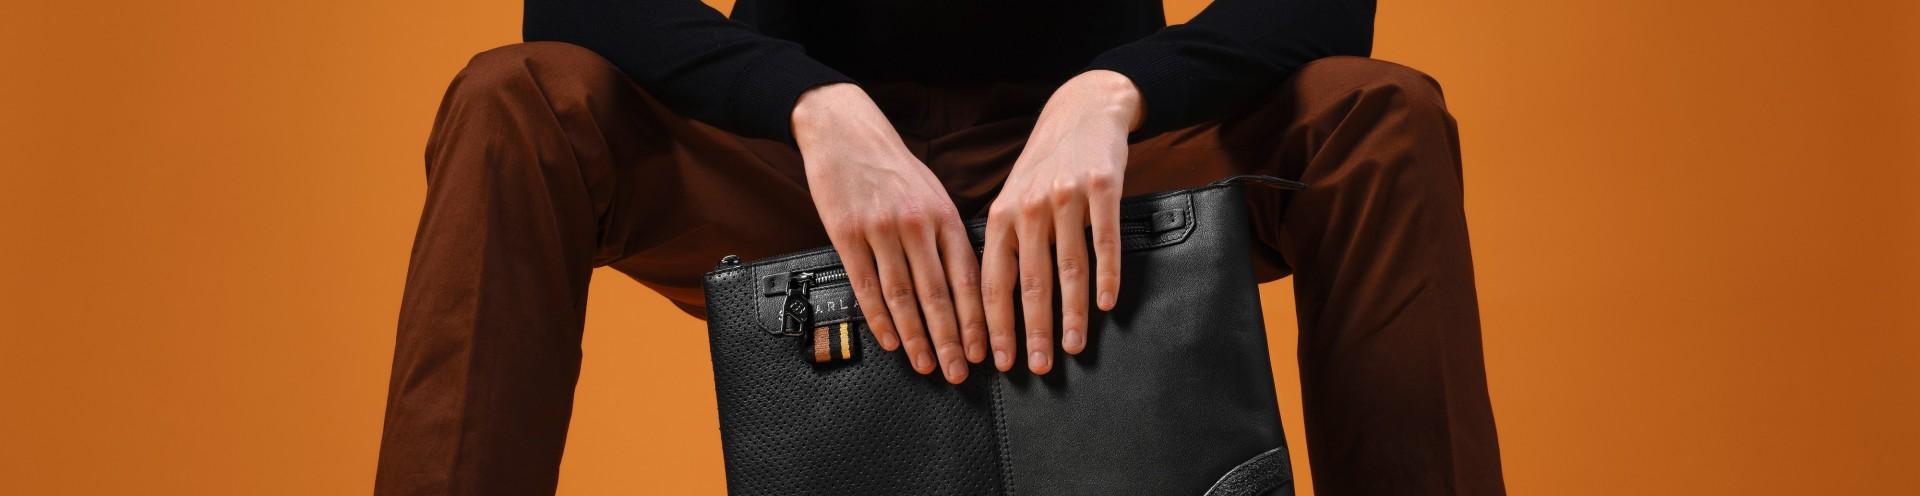 Accessori Tecnologici da Pelle Personalizzabili per l'Uomo